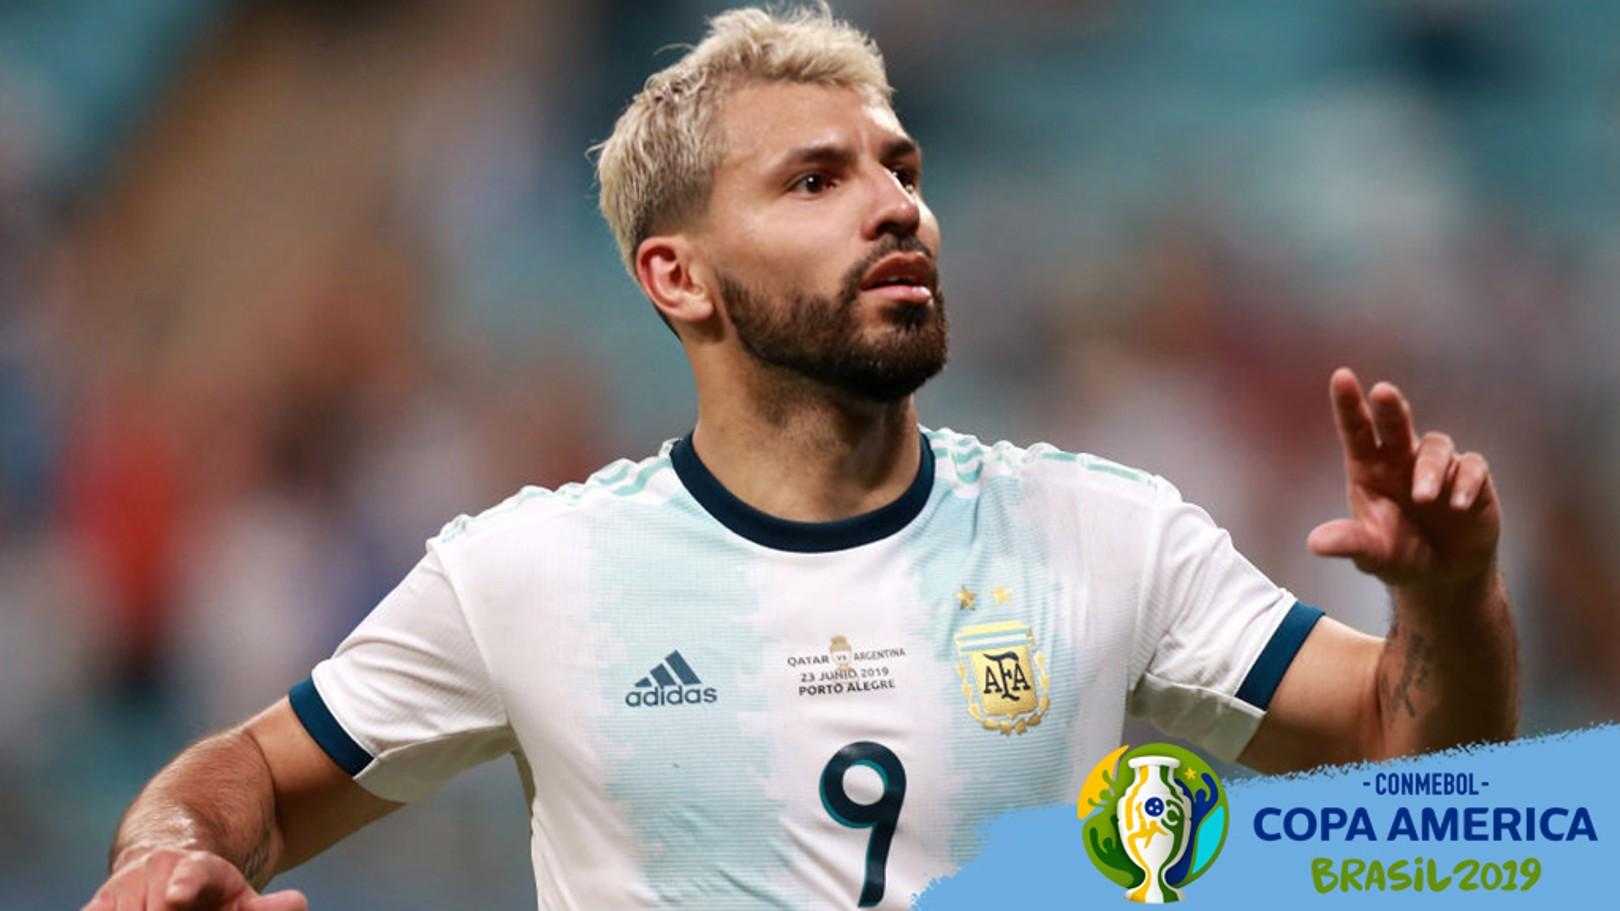 SERGIO AGÜERO. El Kun anotó el segundo gol argentino ante Catar.